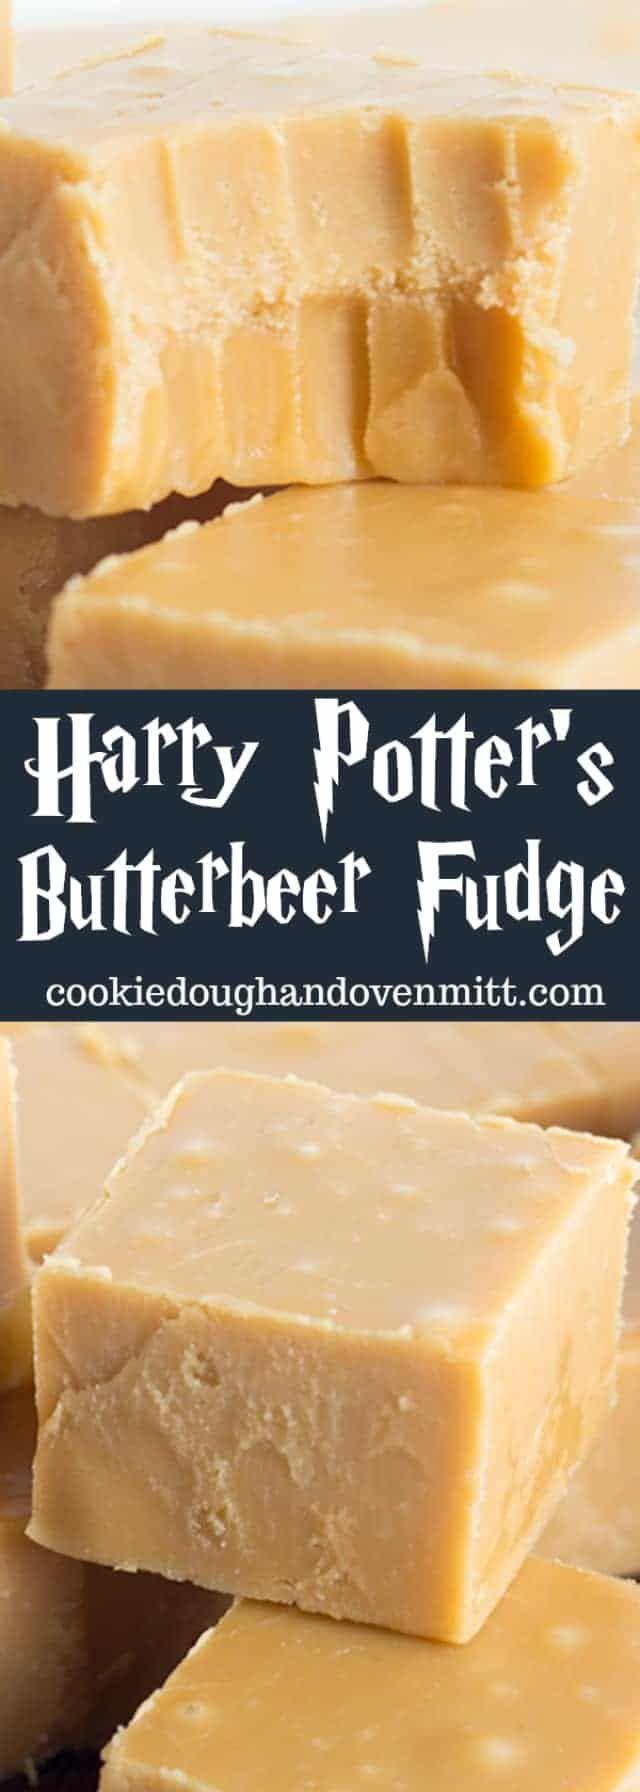 Harry Potter's Butterbeer Fudge – Dieser Butterbeer Fudge ist vollgepackt mit …